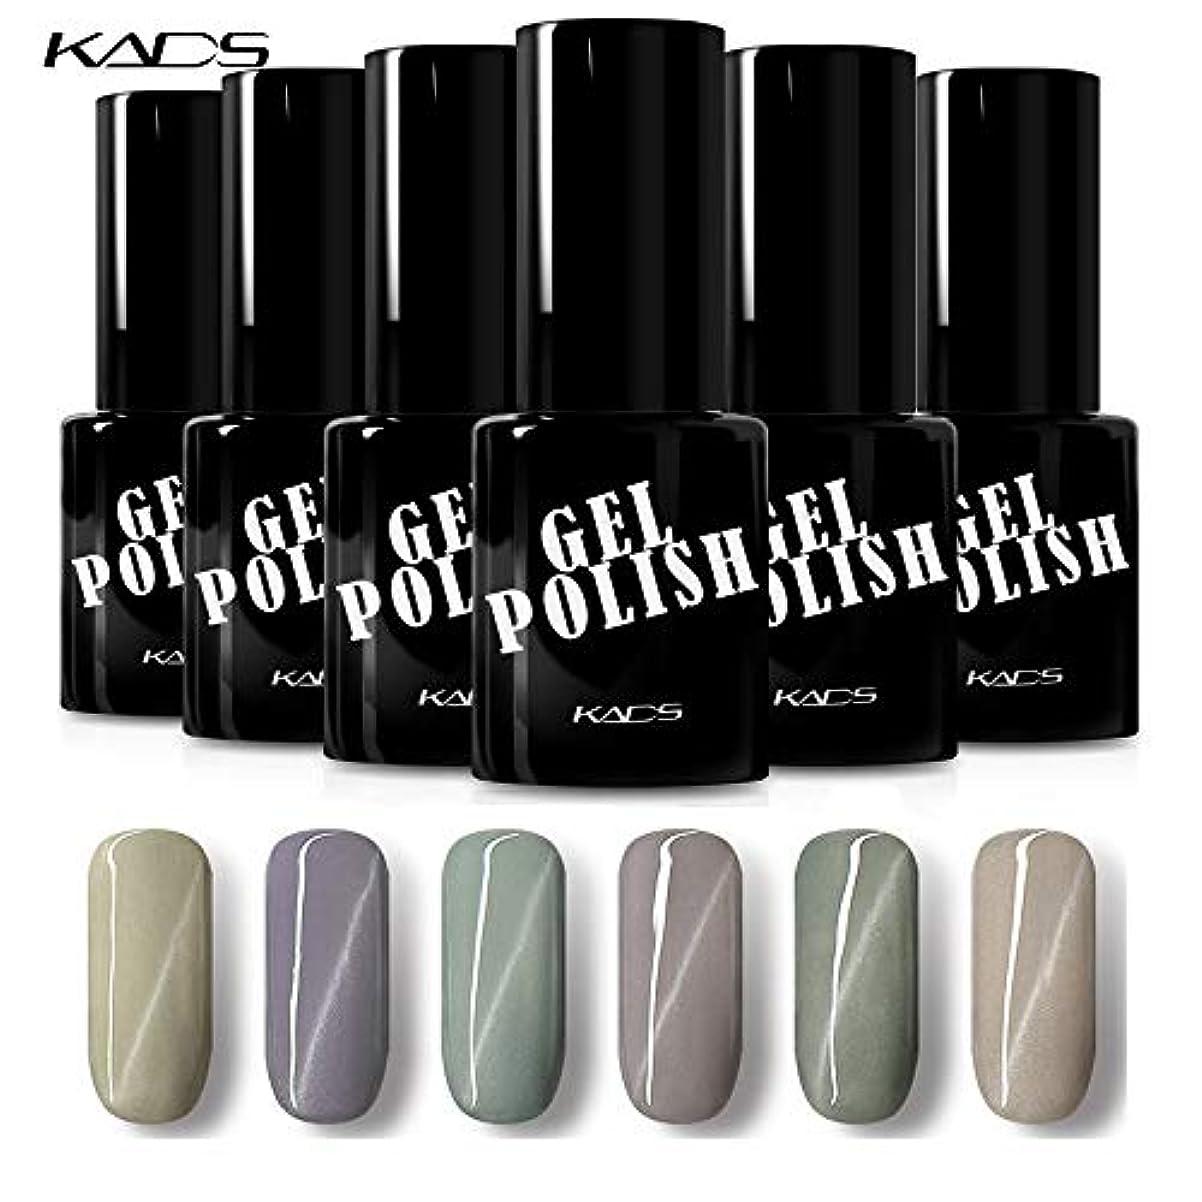 幸運直径白菜KADS キャッツアイジェルネイルカラー 6色入り グリーン/グレー系 ジェルネイルカラーポリッシュ UV/LED対応 マニキュアセット(セット7)